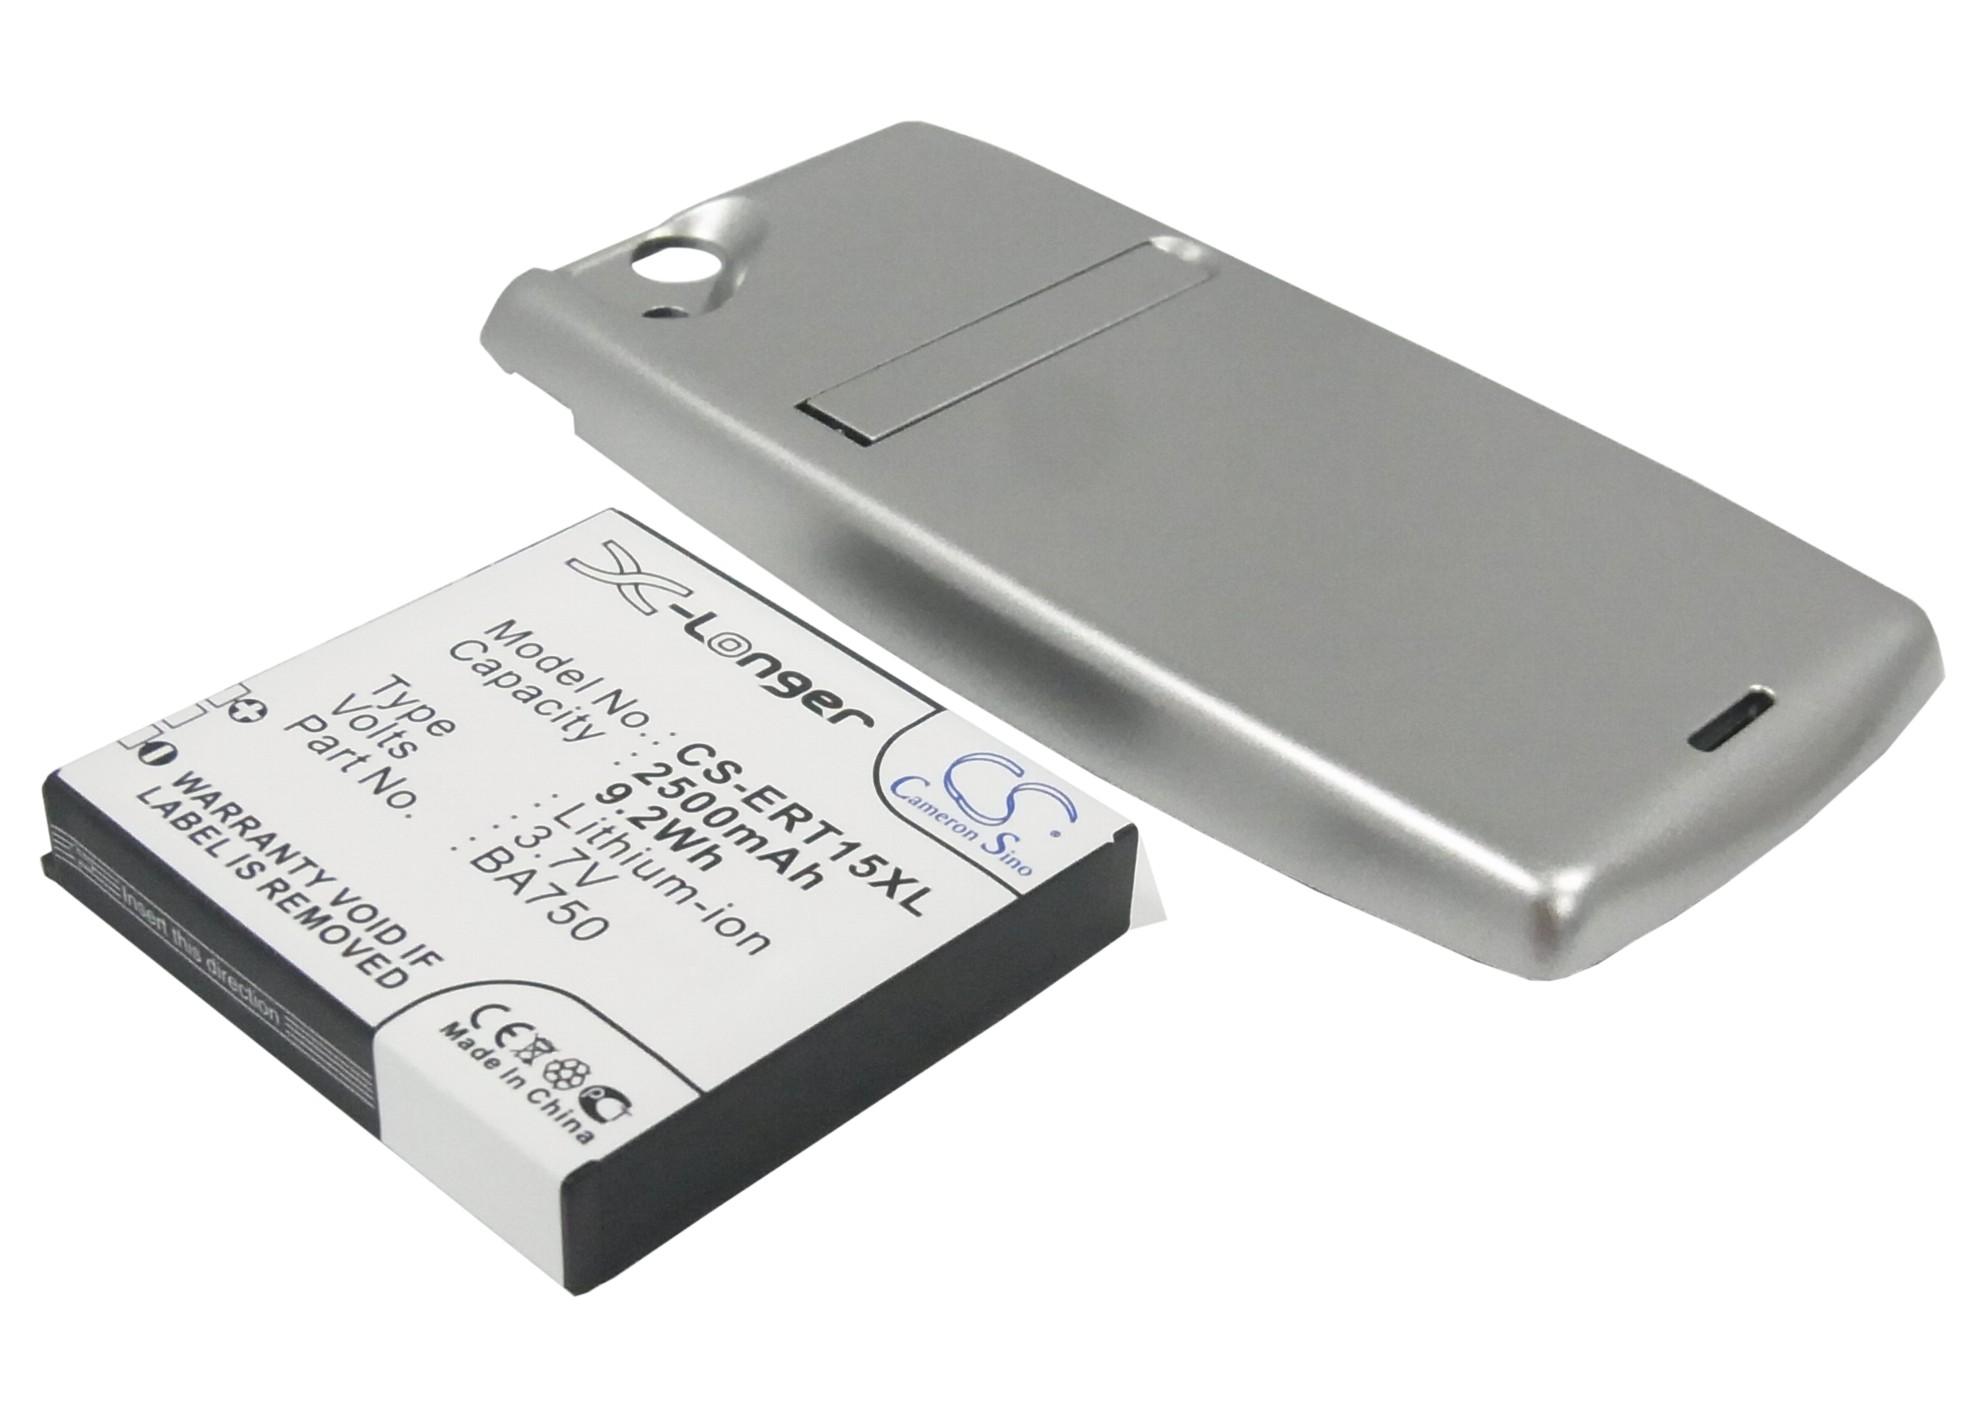 Cameron Sino baterie do mobilů pro SONY ERICSSON Xperia Arc 3.7V Li-ion 2500mAh stříbrná - neoriginální